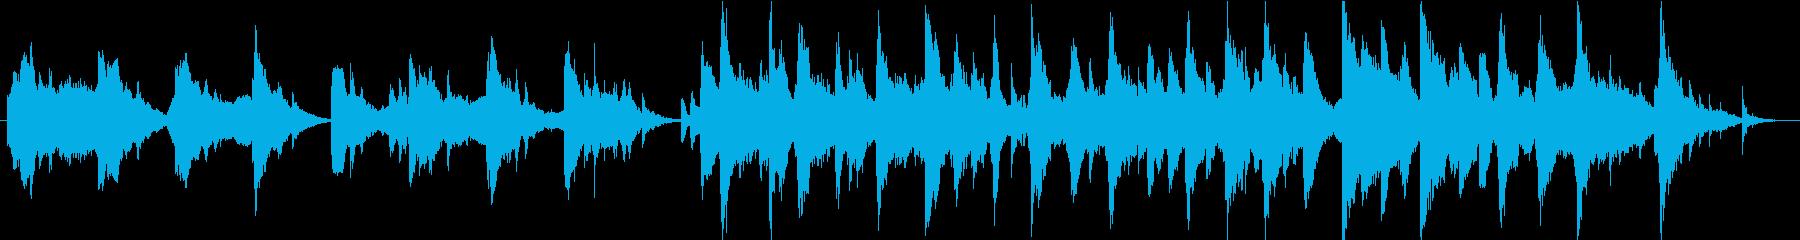 神秘的な和風BGMの再生済みの波形